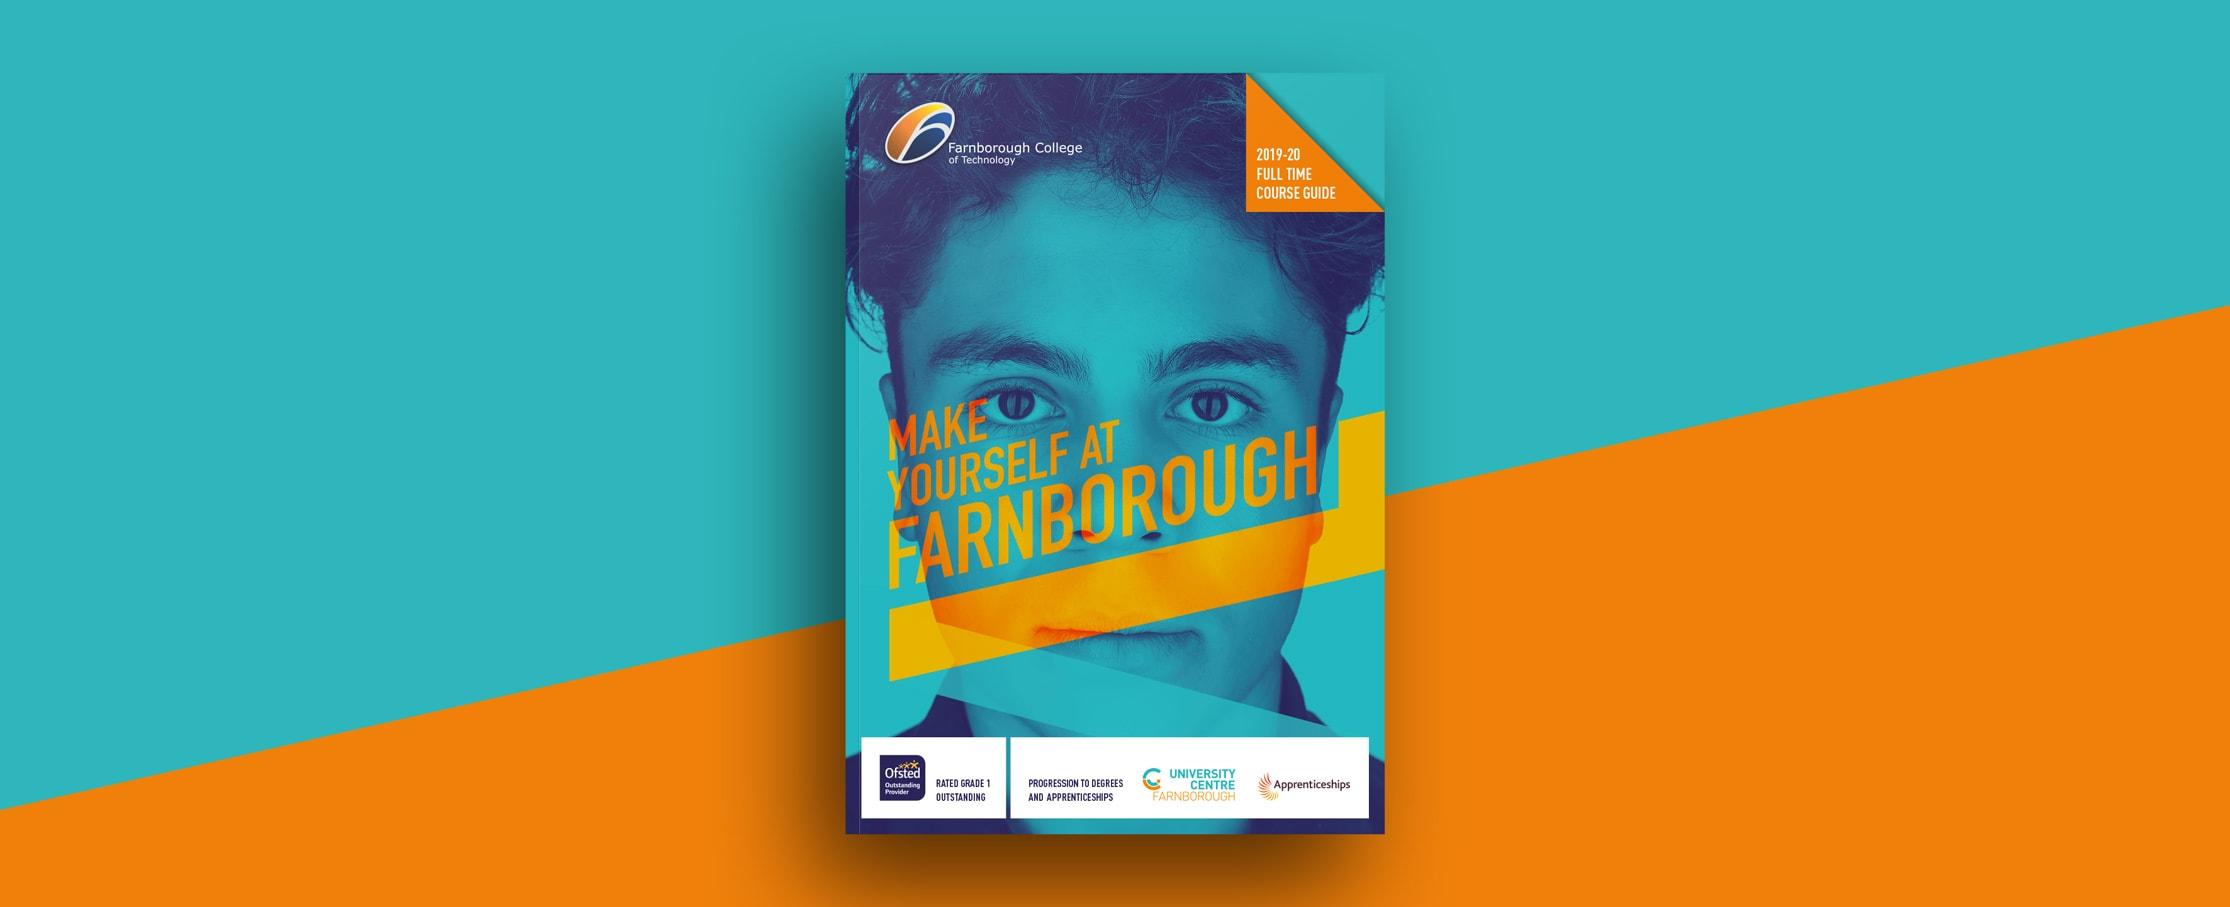 Prospectus cover design Farnborough college